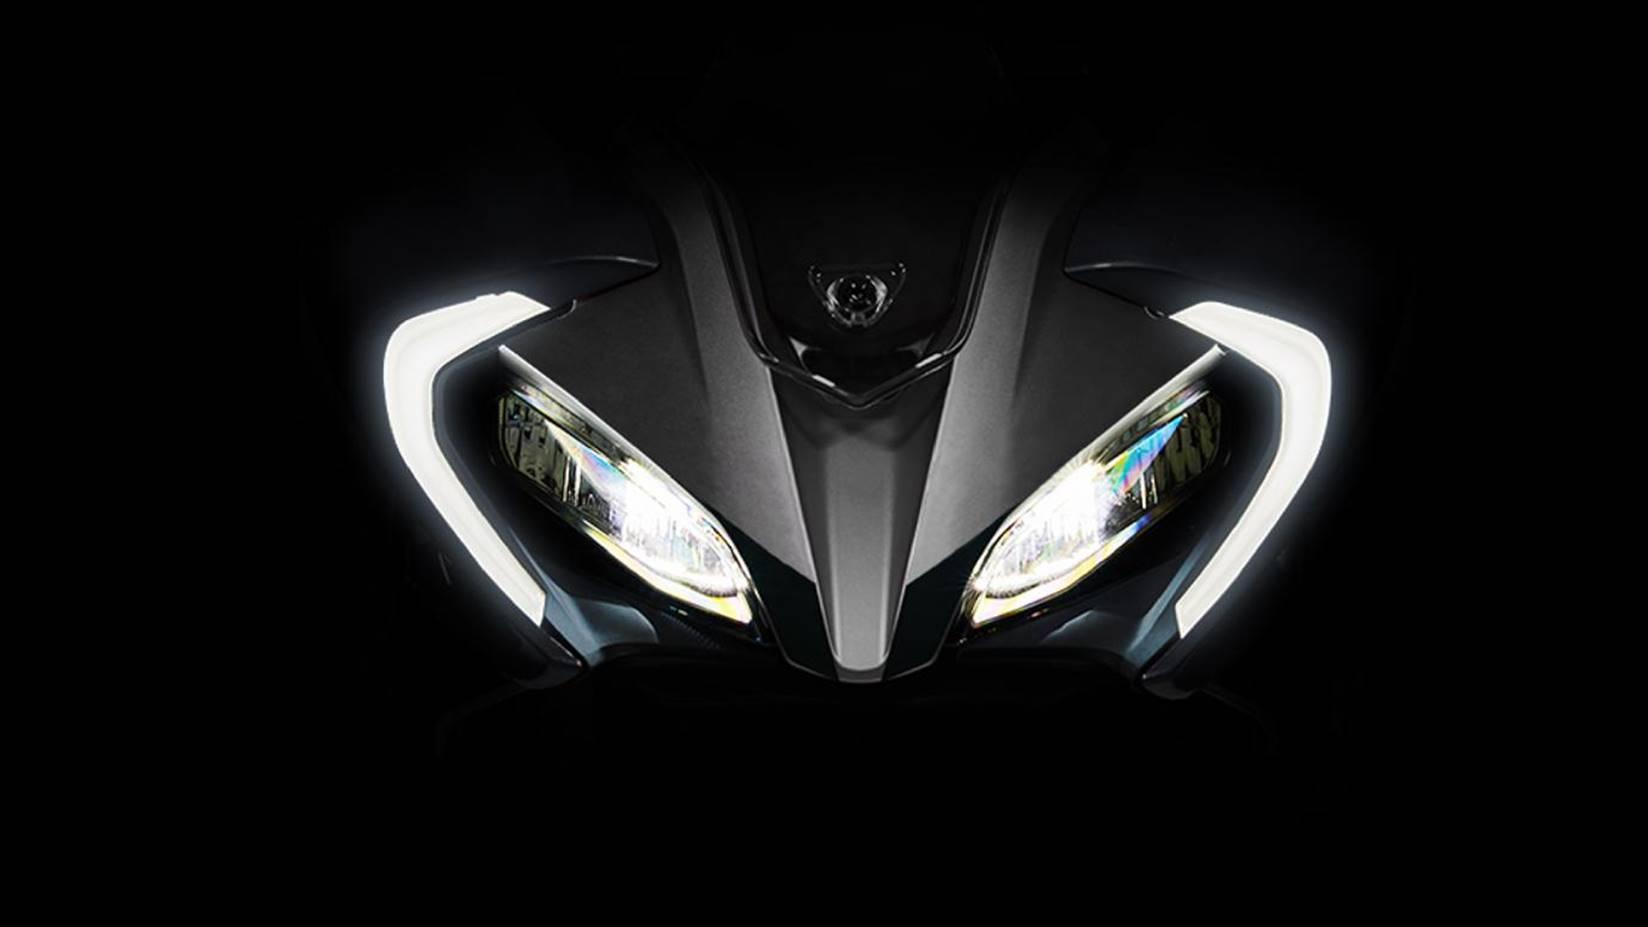 Спортивный мотоцикл CFMOTO 300SR размером с пинту отправляется в Великобританию